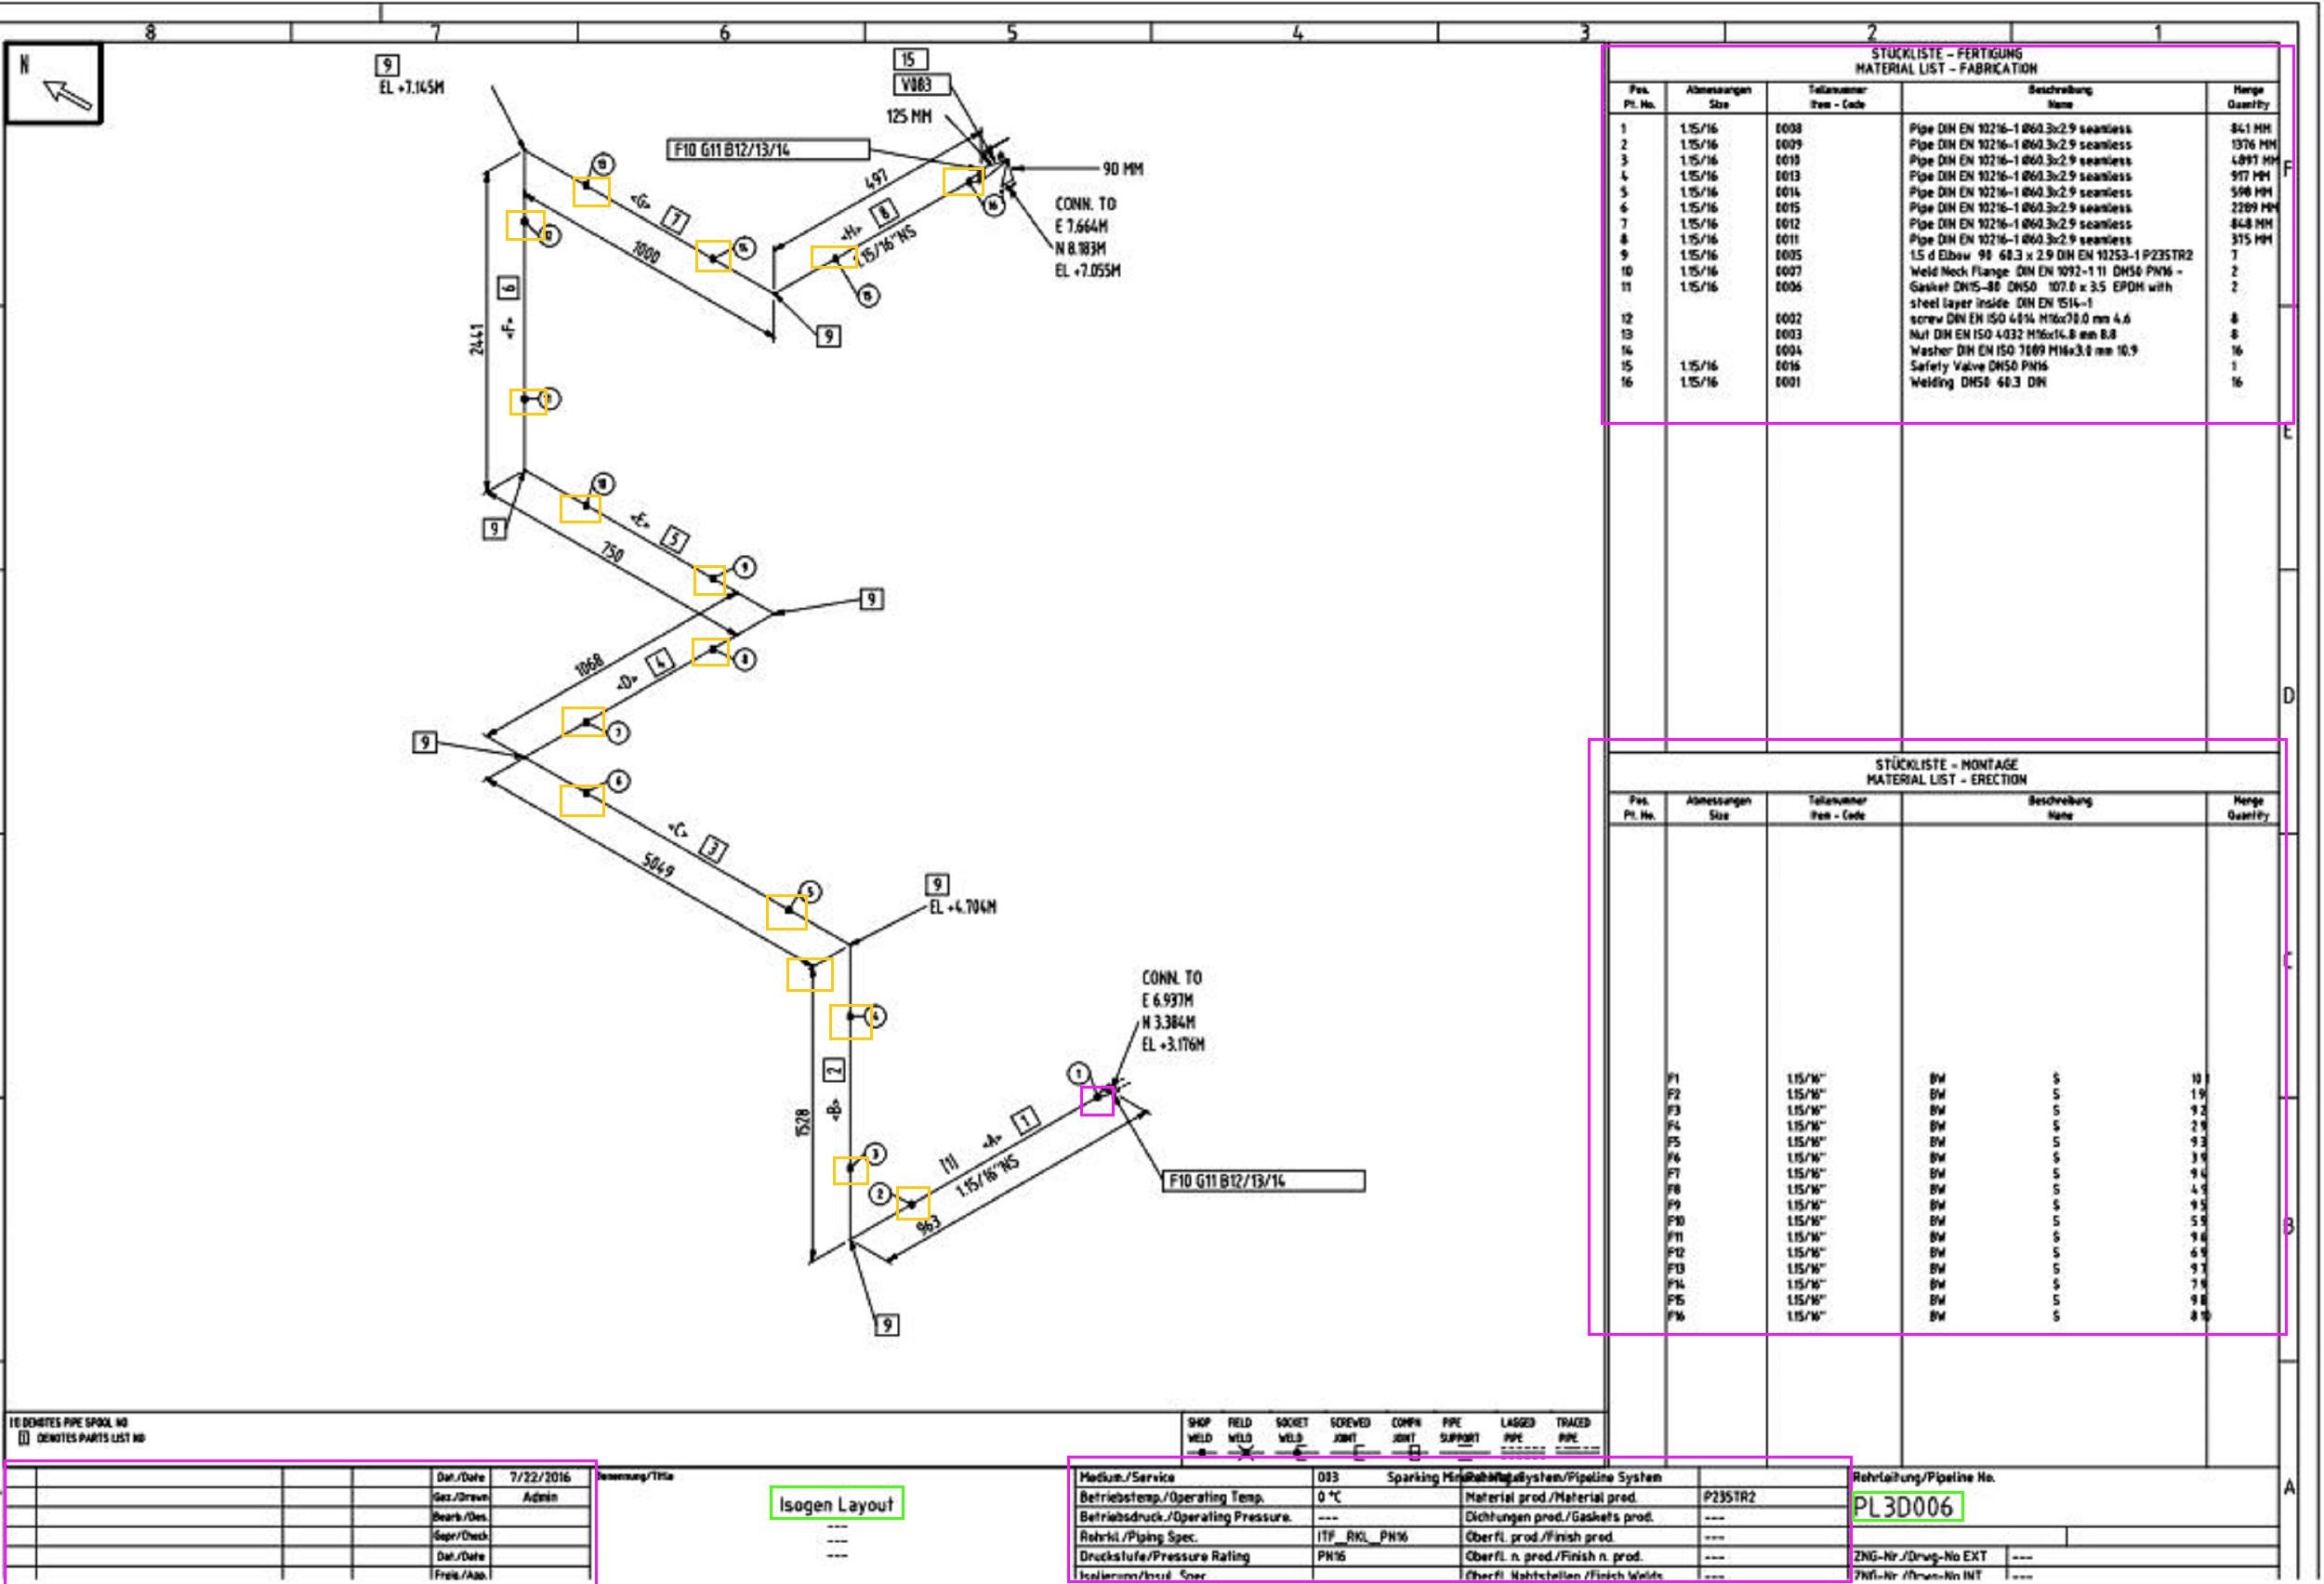 Quantiphi-Oil-Gas-Documents-2